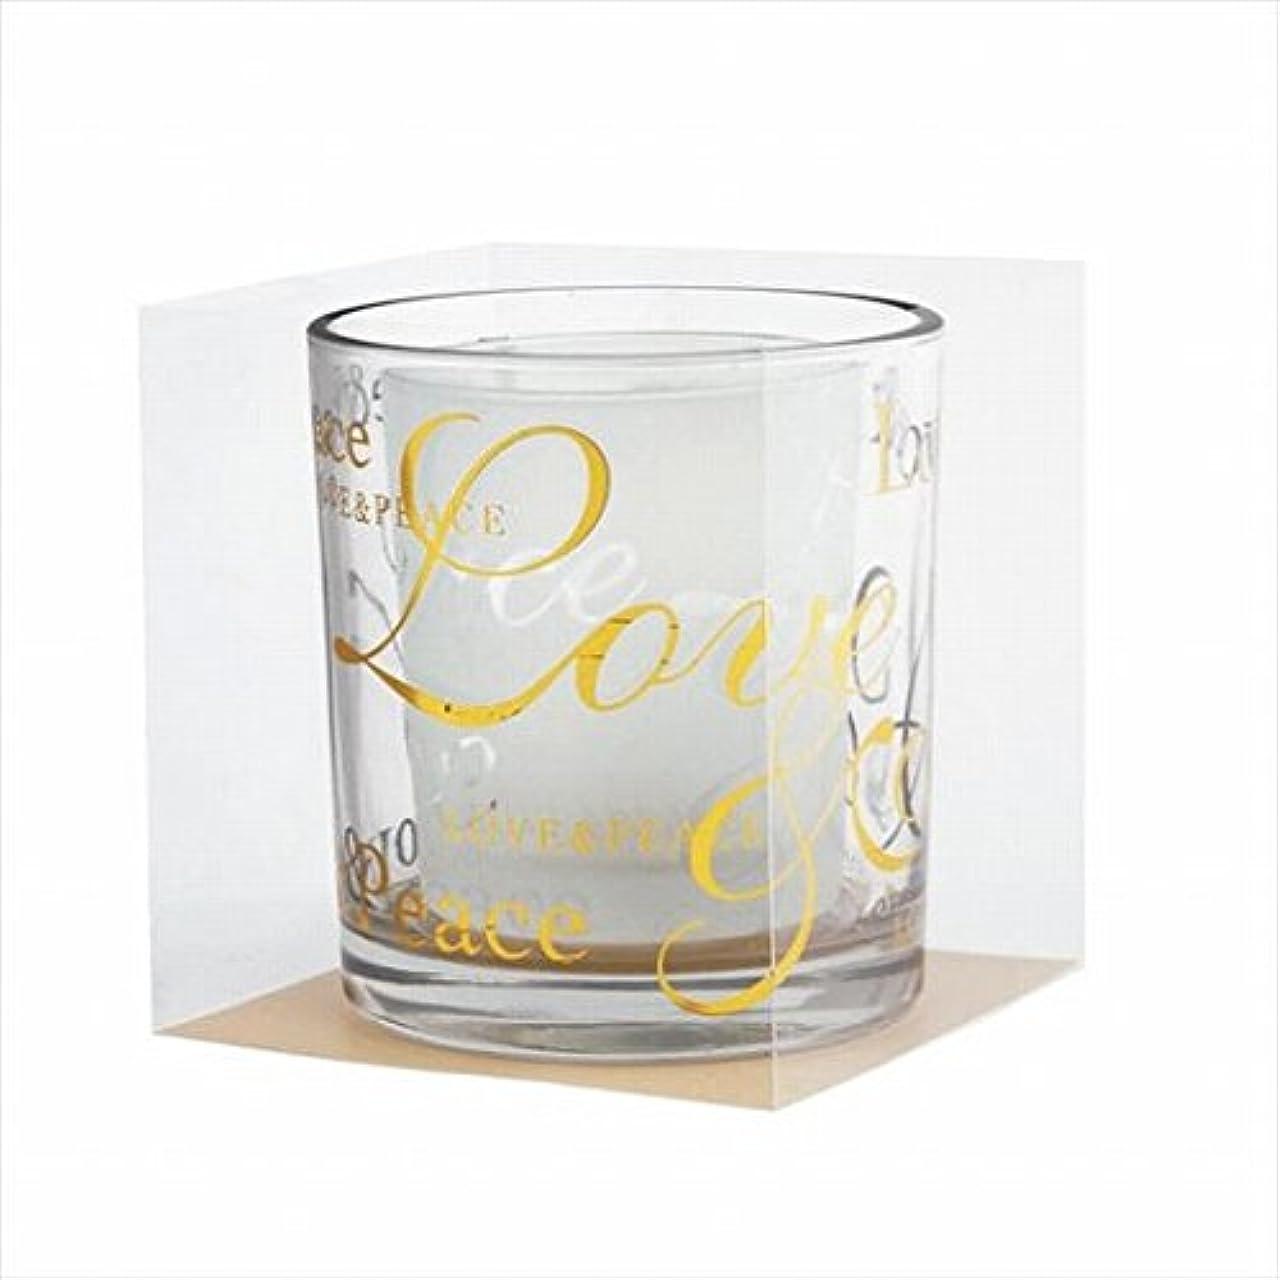 繁殖自分の力ですべてをするセンチメートルカメヤマキャンドル(kameyama candle) ラブ&ピースデュエットグラス 「 ゴールド 」